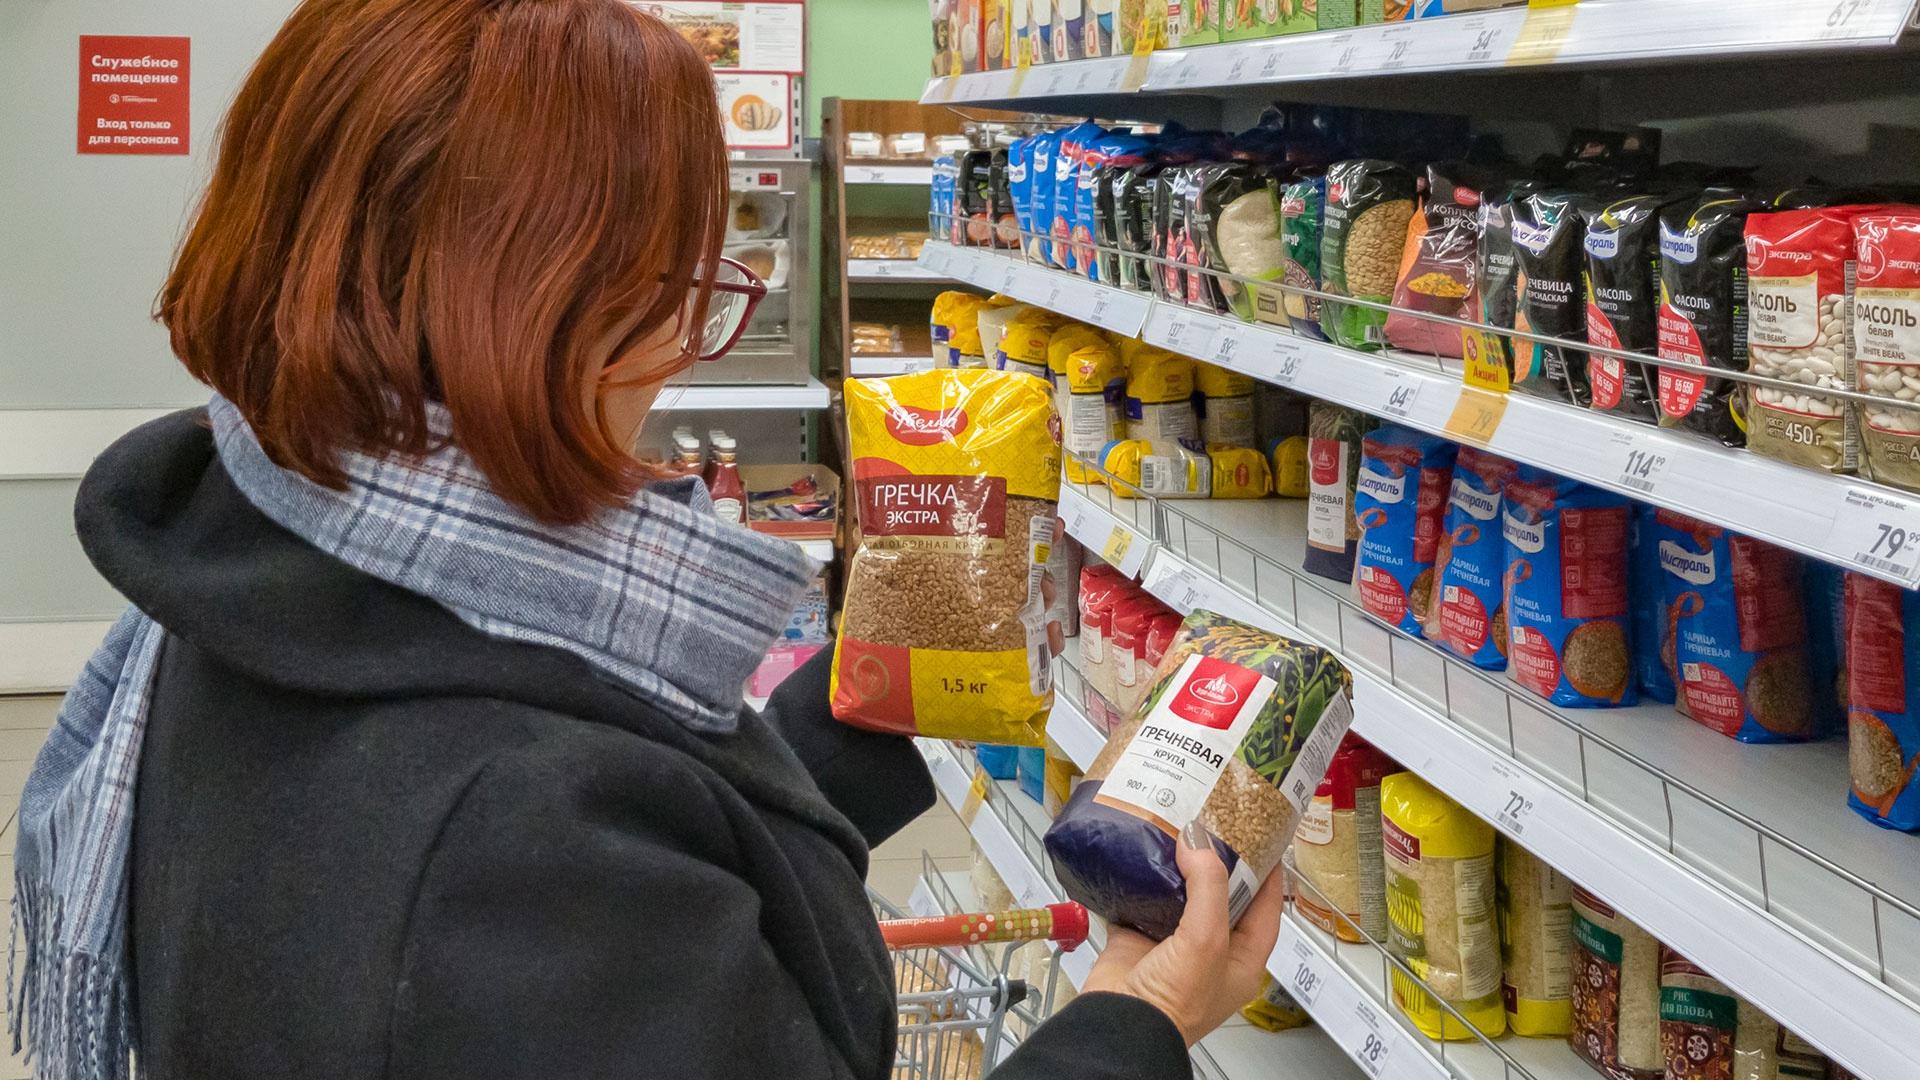 В Госдуме предложили обеспечивать нуждающиеся семьи антисептиками и продуктами